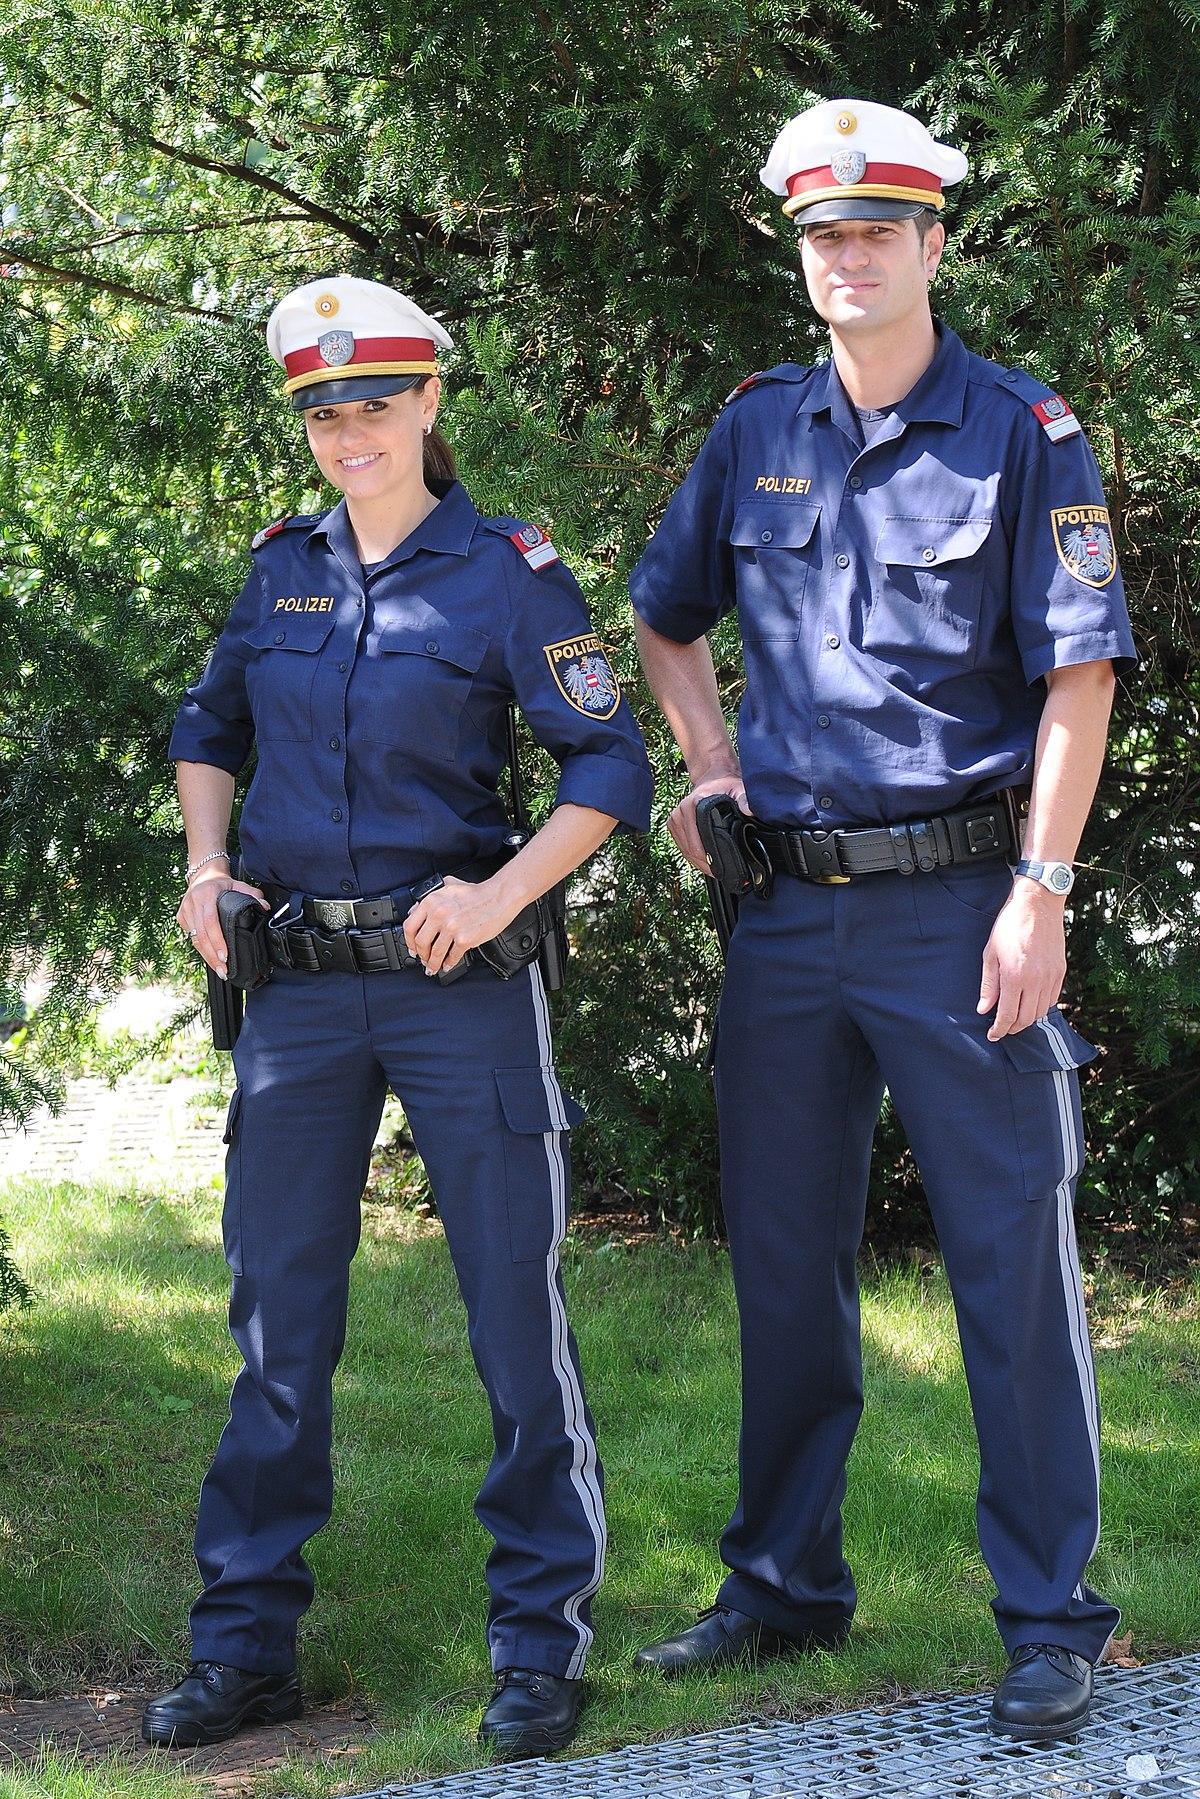 Polícia – Wikipédia, a enciclopédia livre